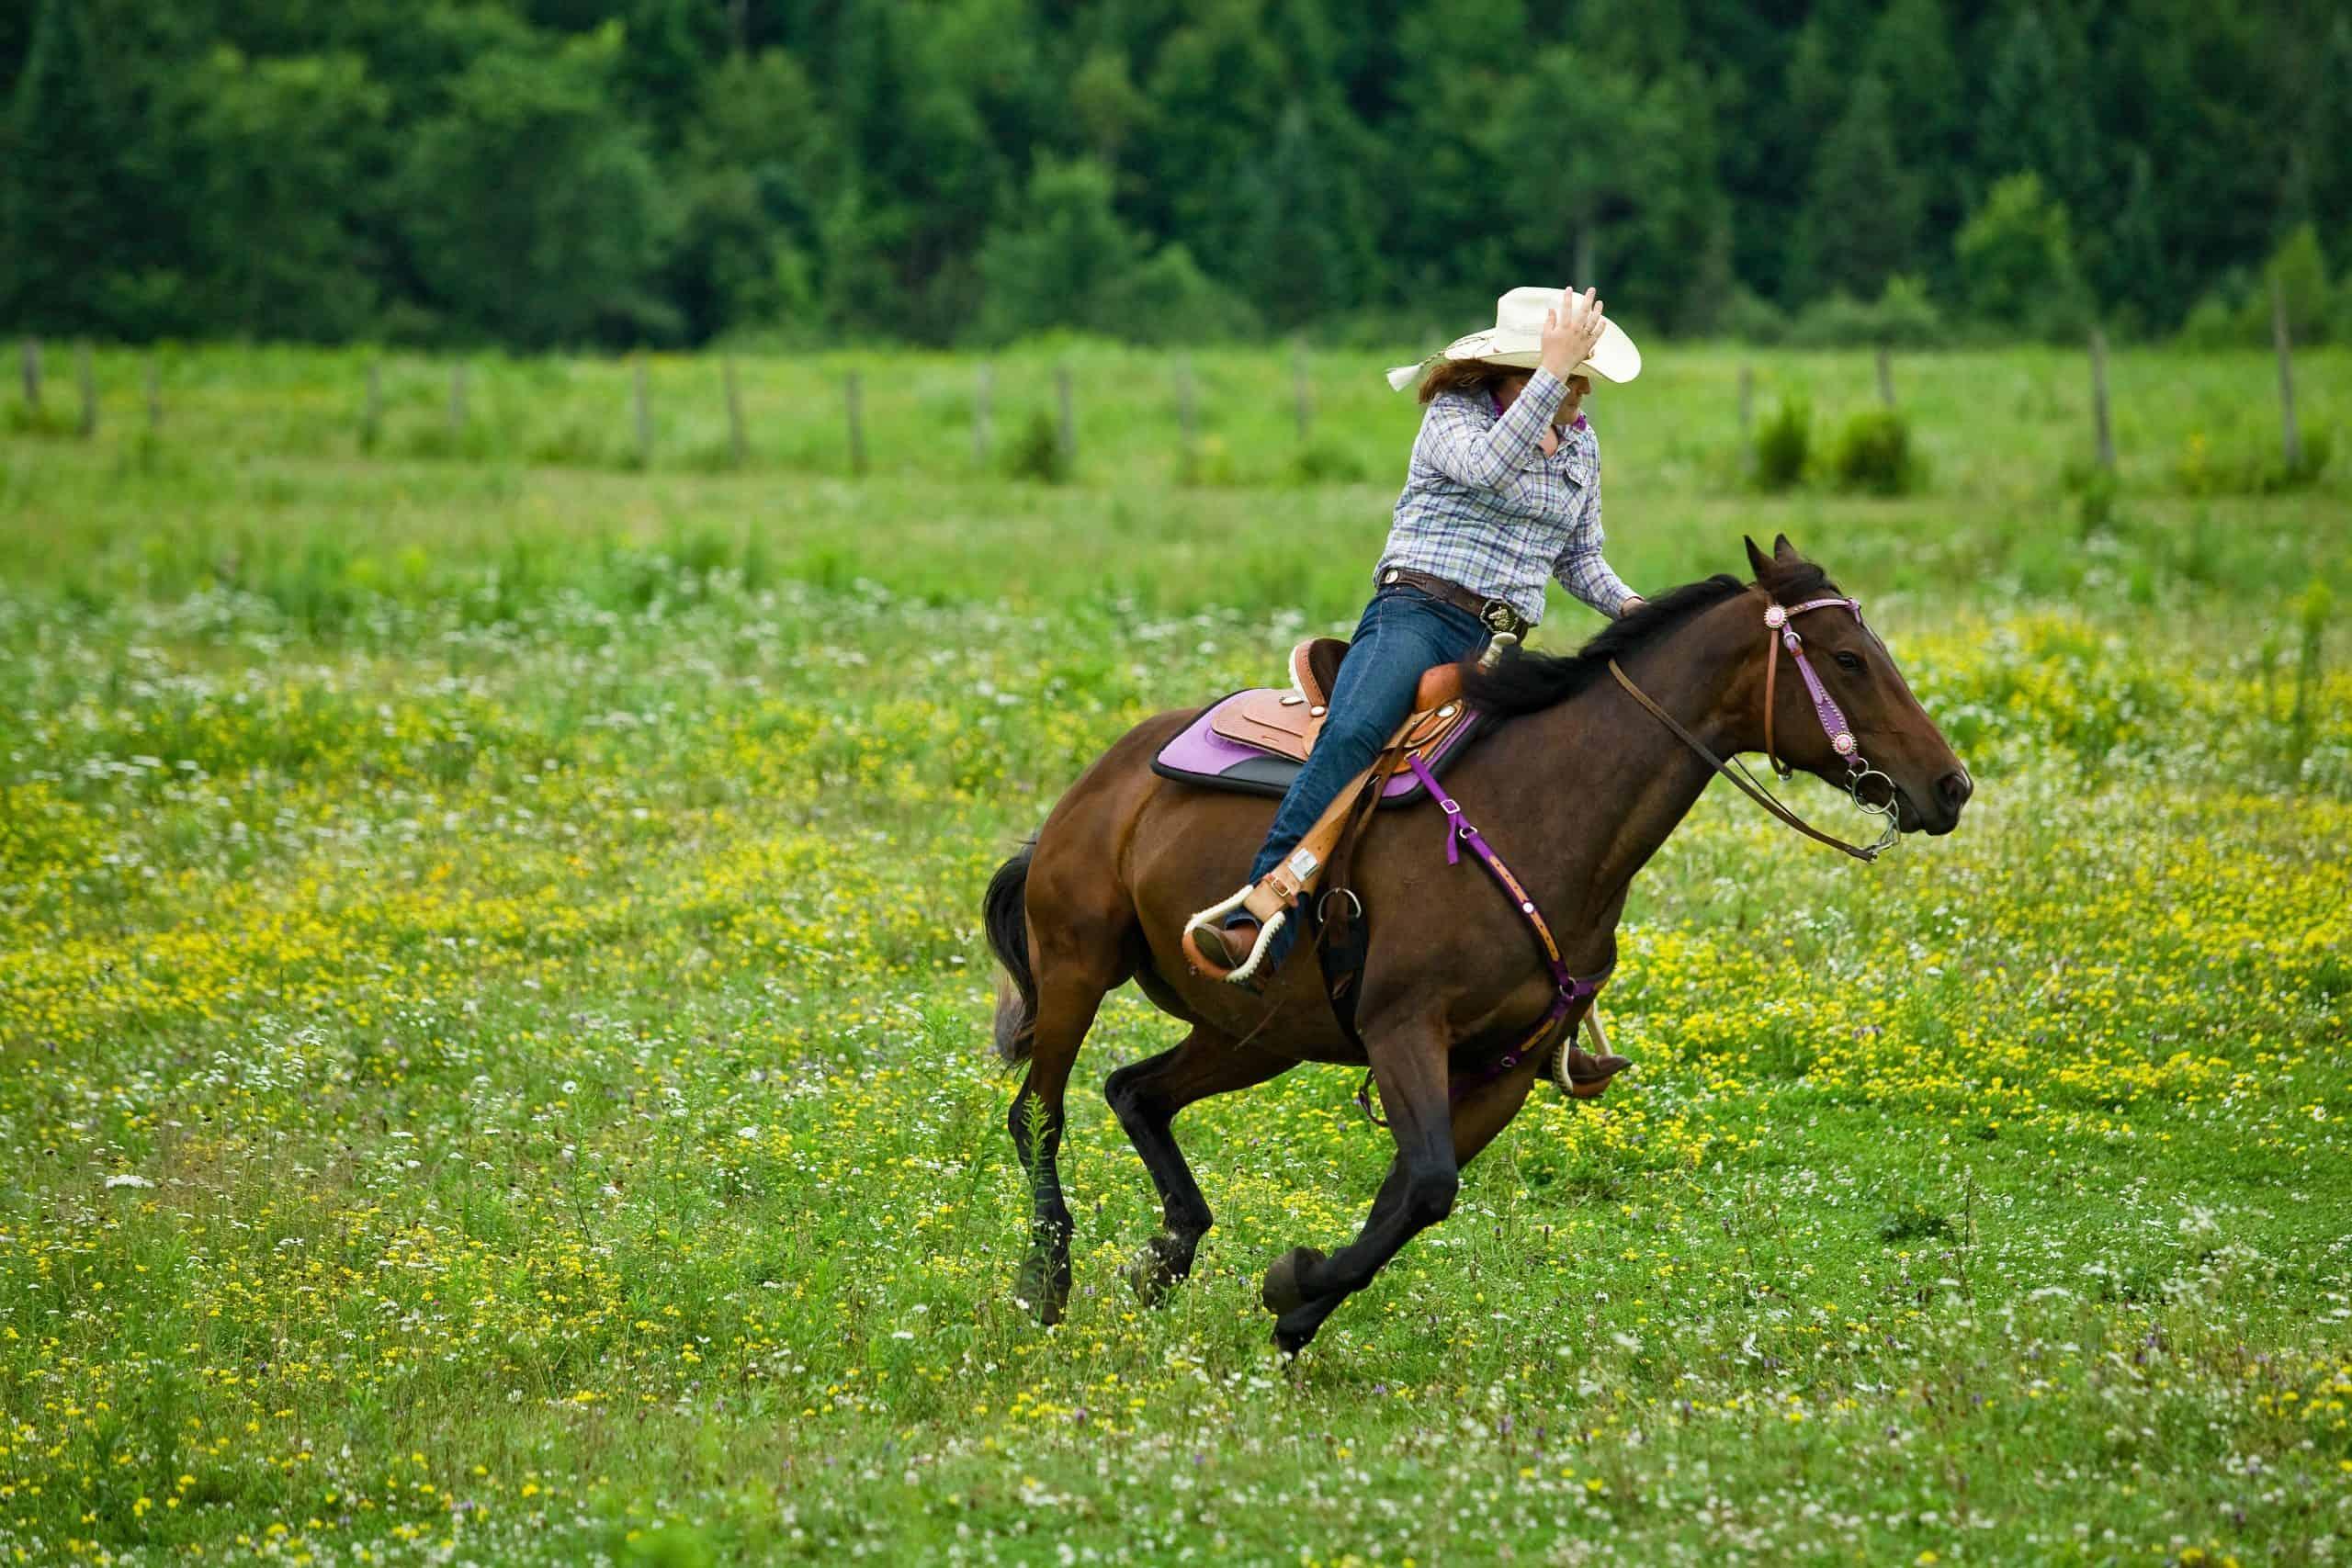 Horseback rider galloping in rural pasture